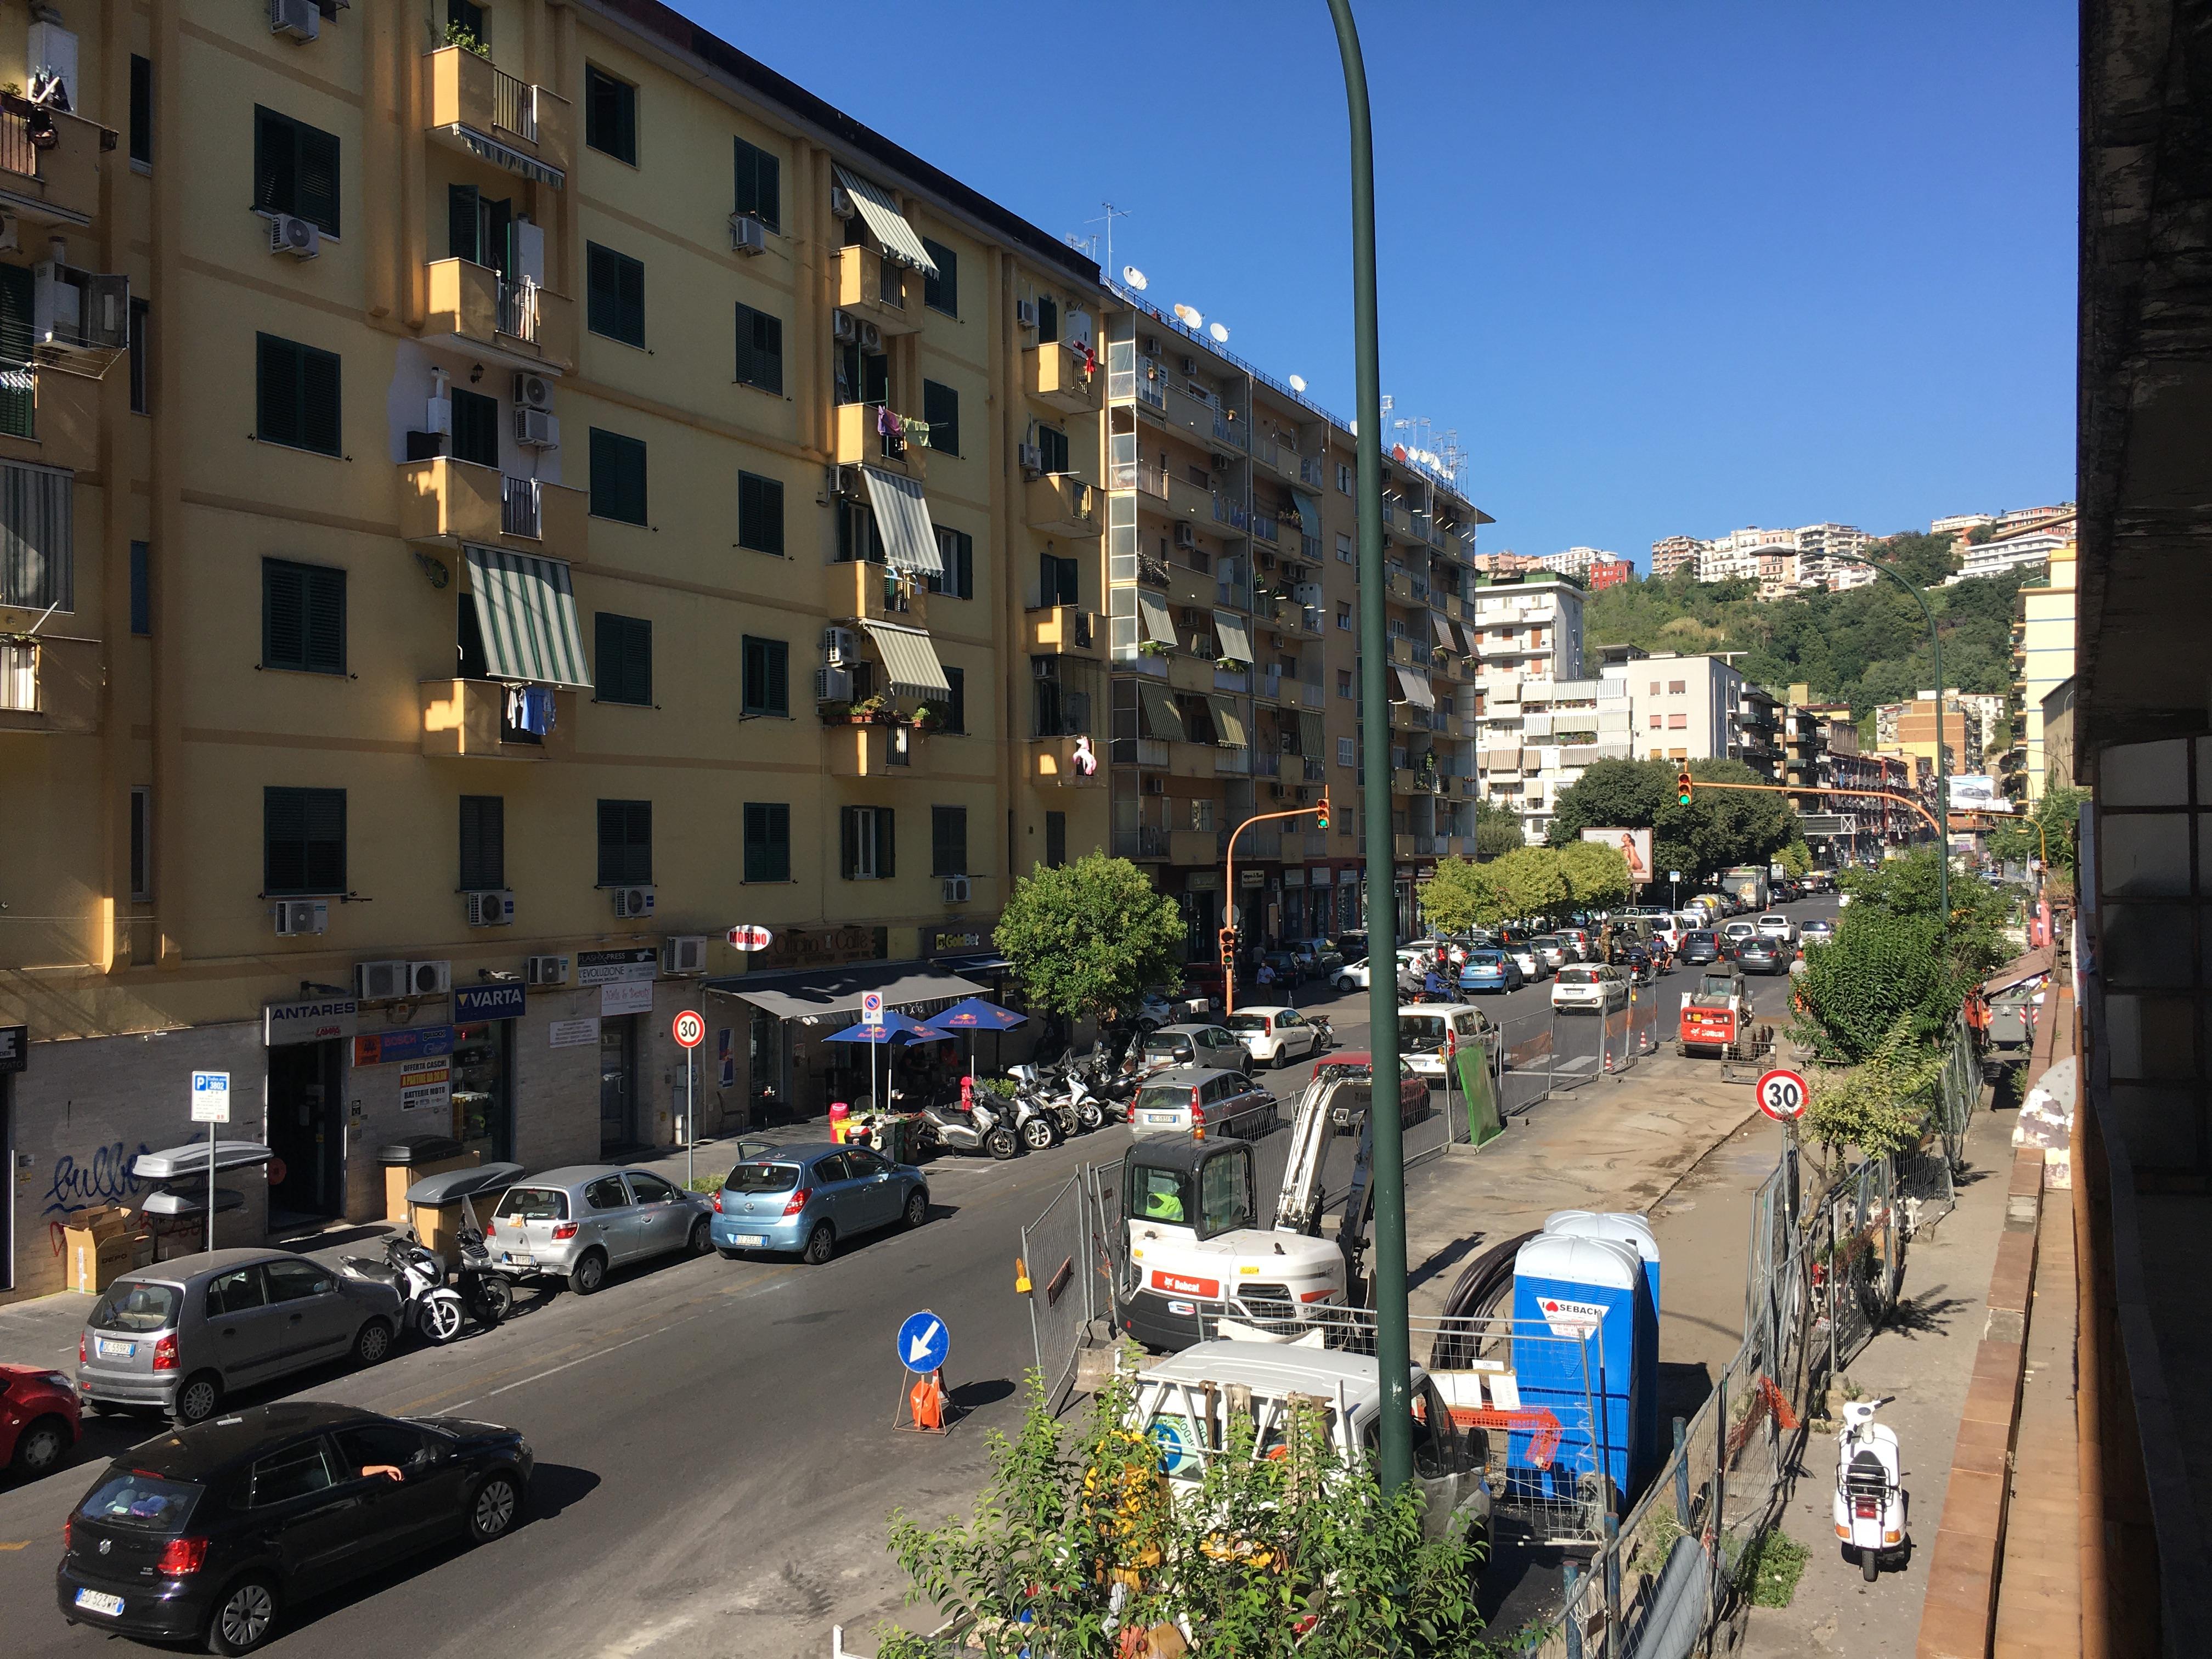 Fuorigrotta – Via Giulio Cesare